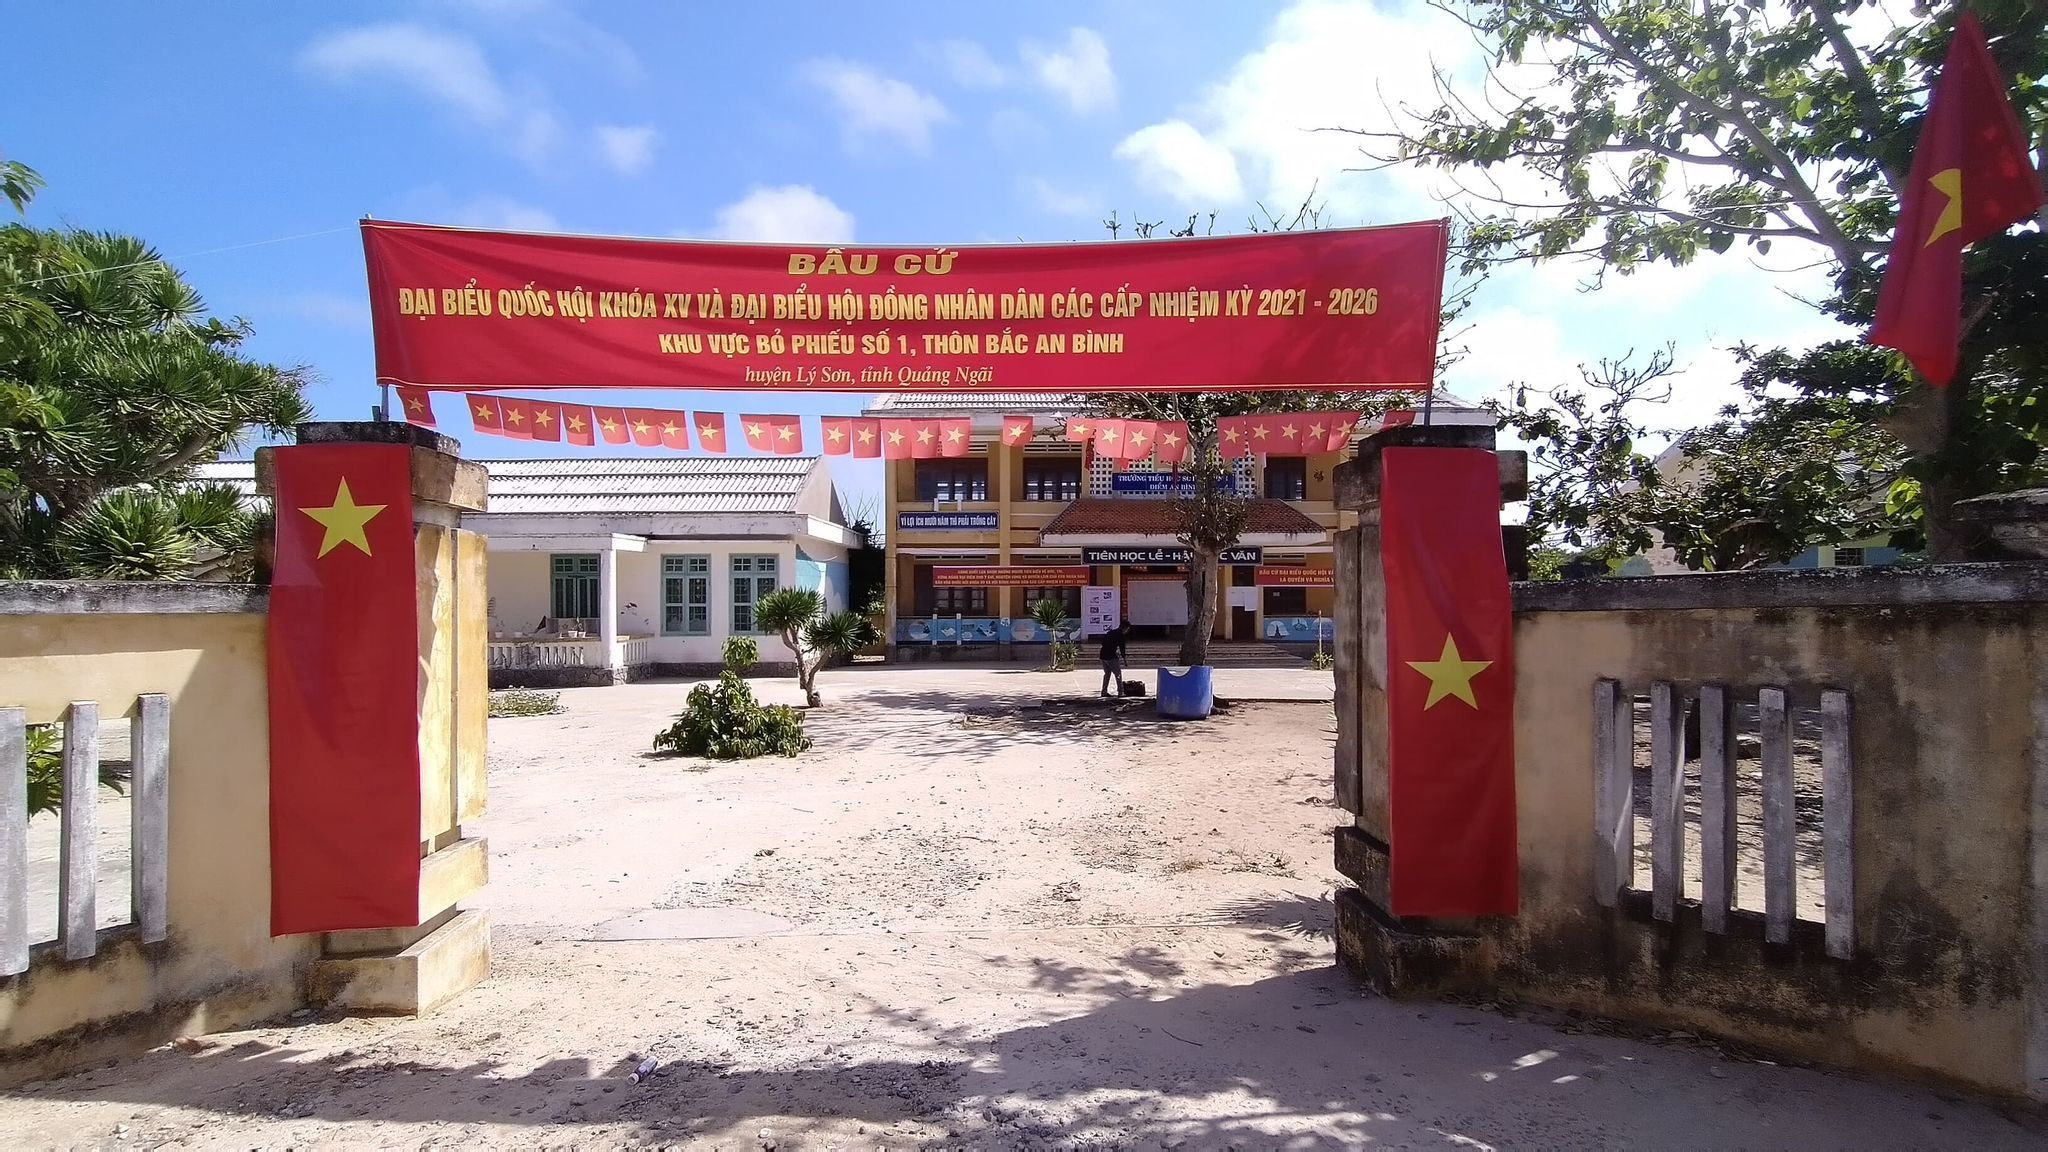 Công tác chuẩn bị cho Ngày hội non sông tại Đảo Bé - nơi chưa có điện lưới quốc gia đã hoàn thành